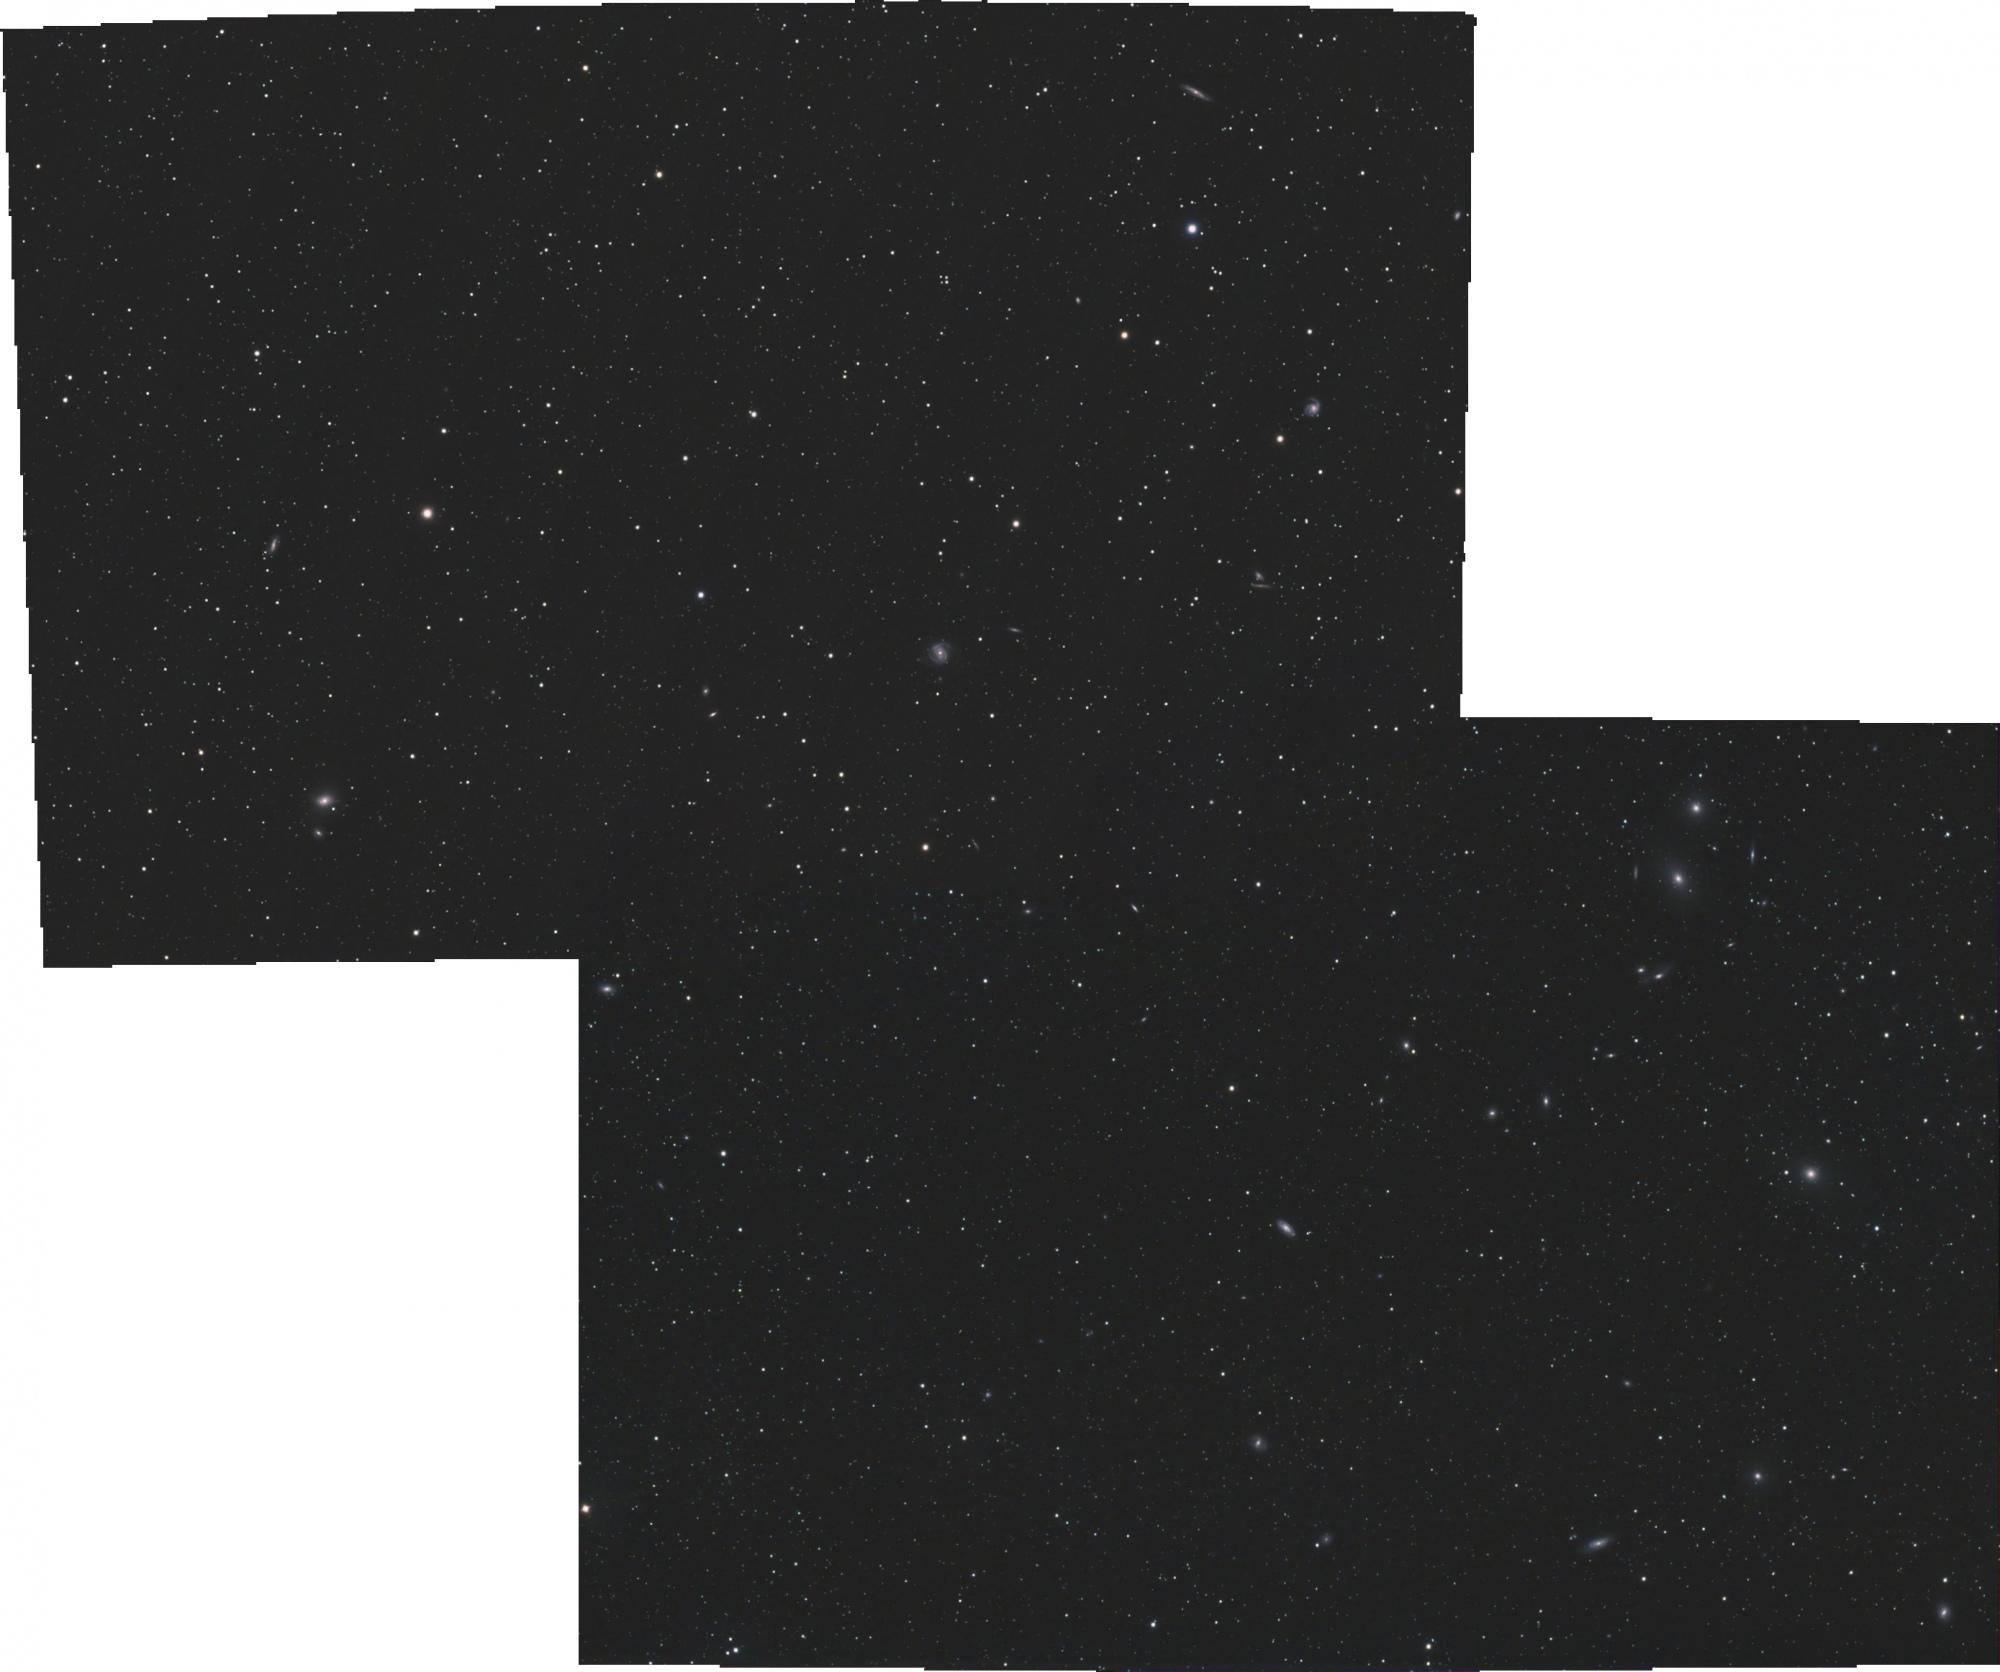 Panorama sans titreFull.jpg